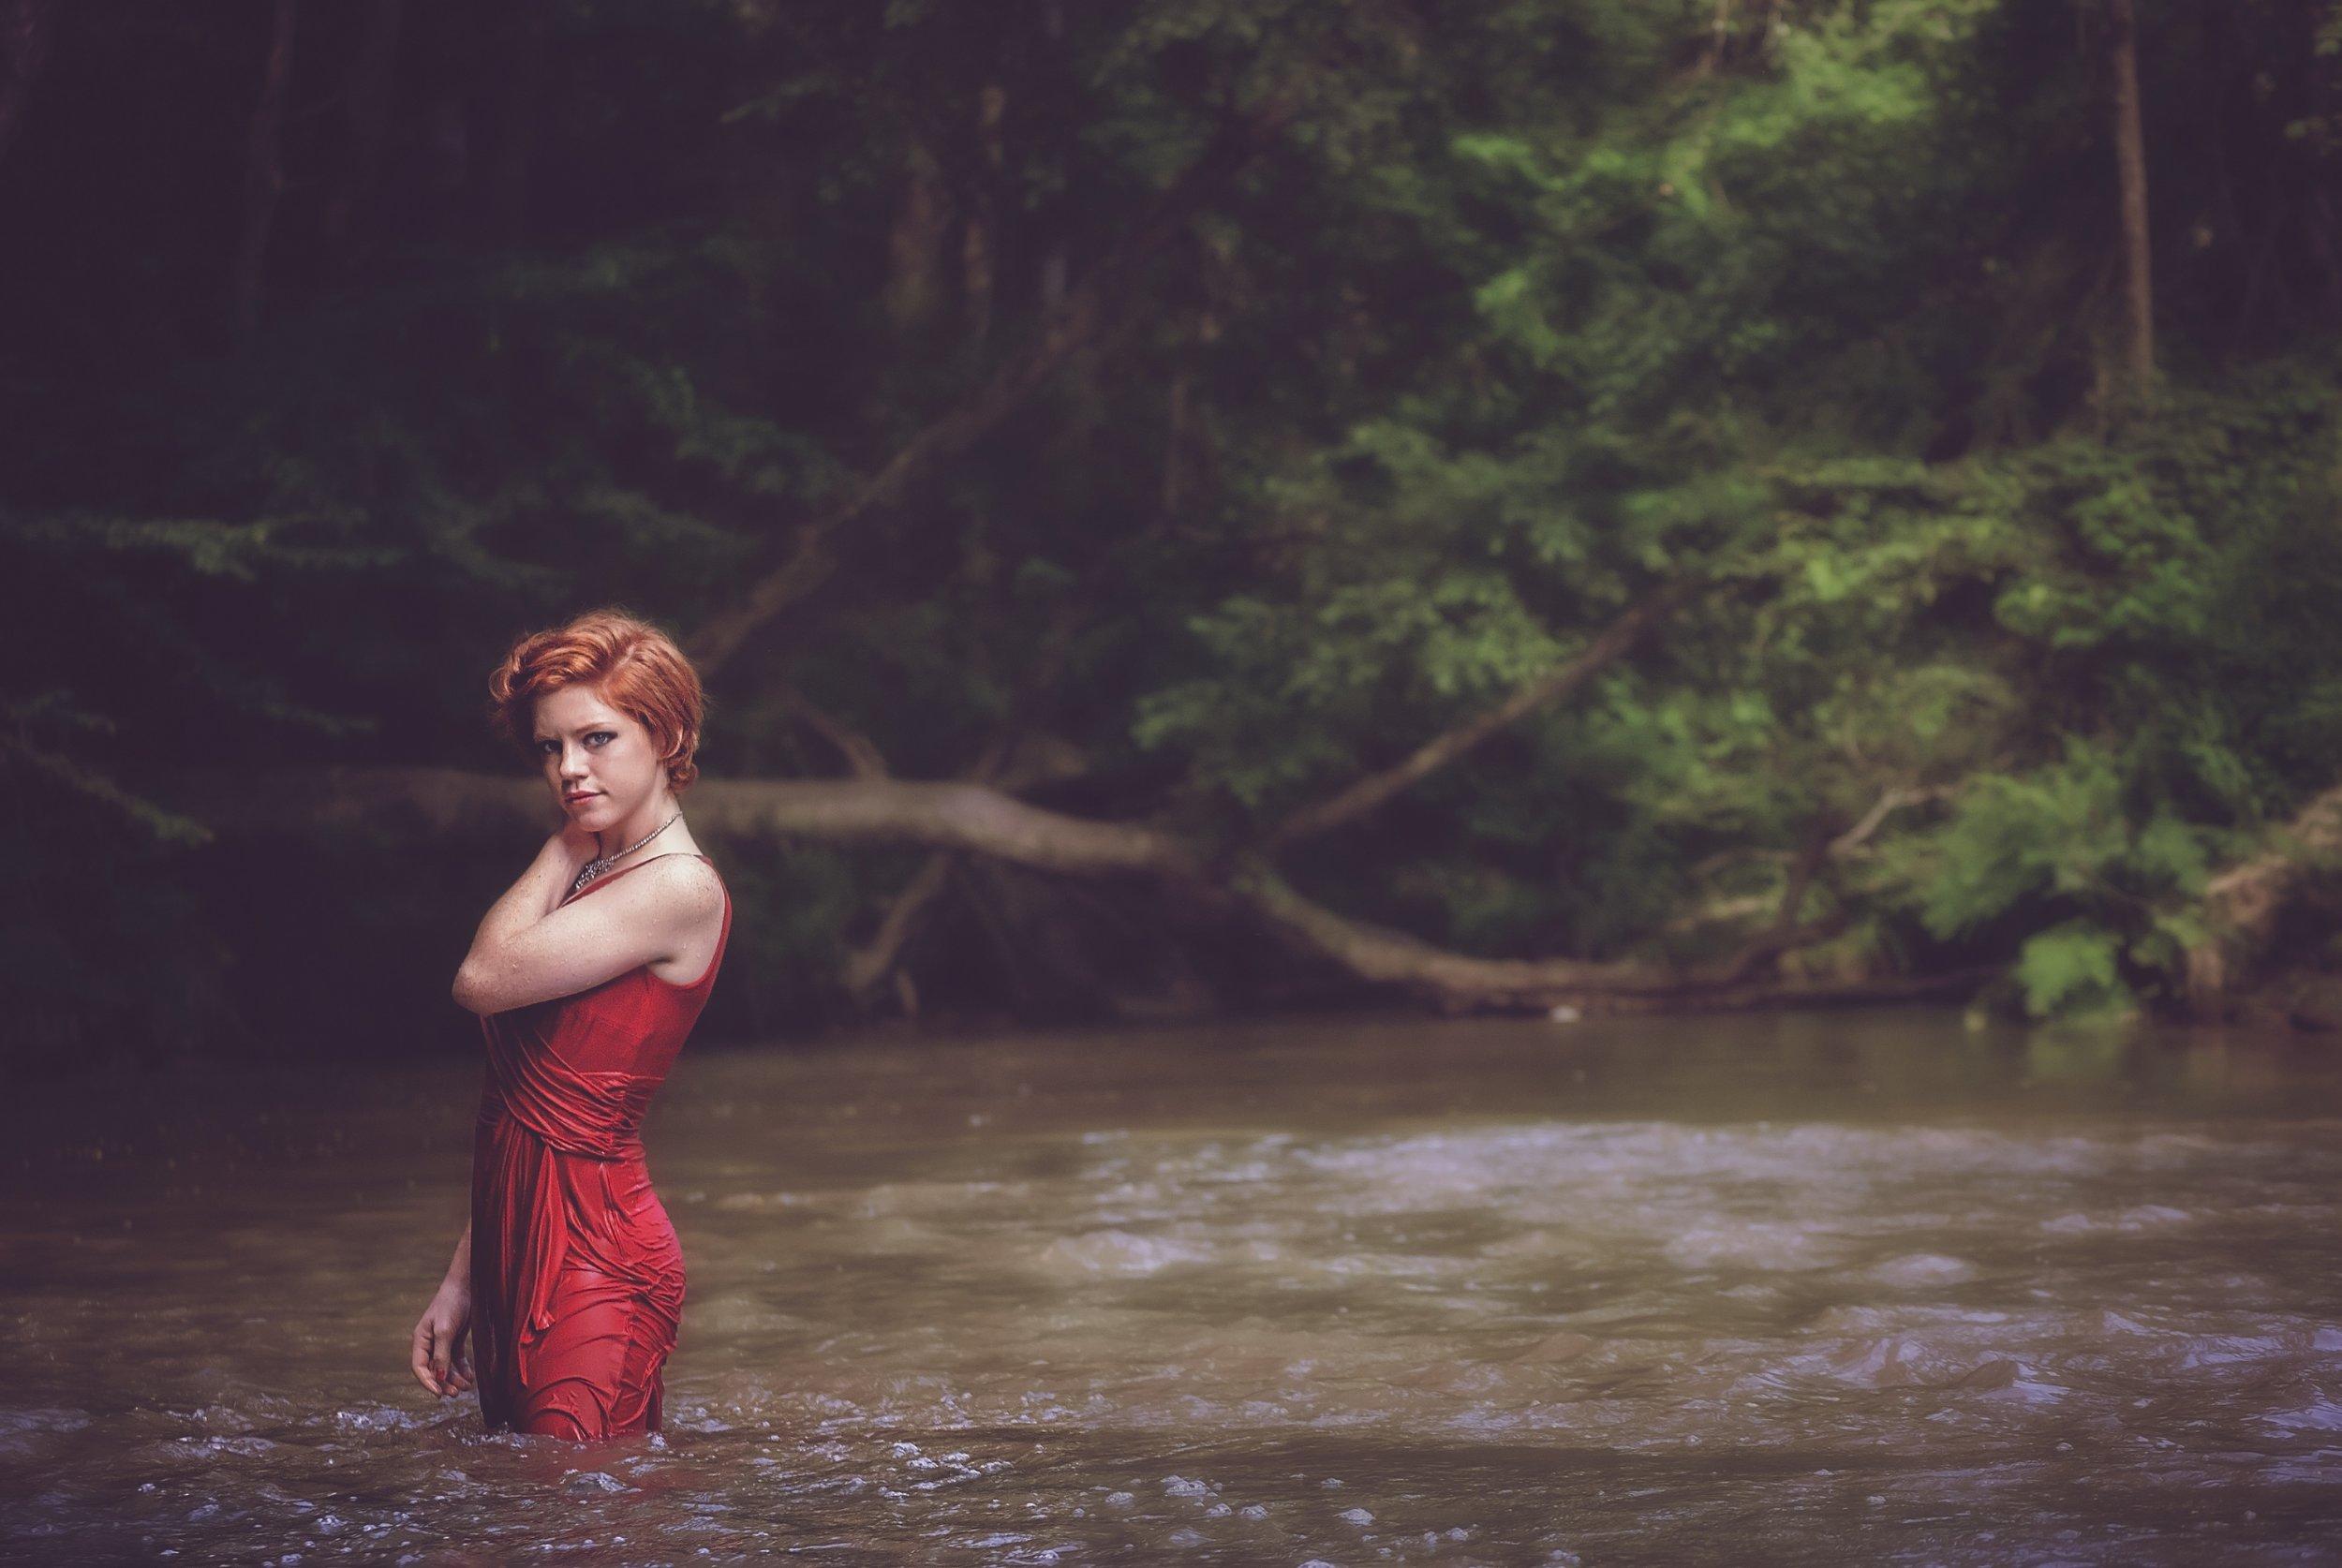 girl-water-wet-summer-122436 (1).jpeg